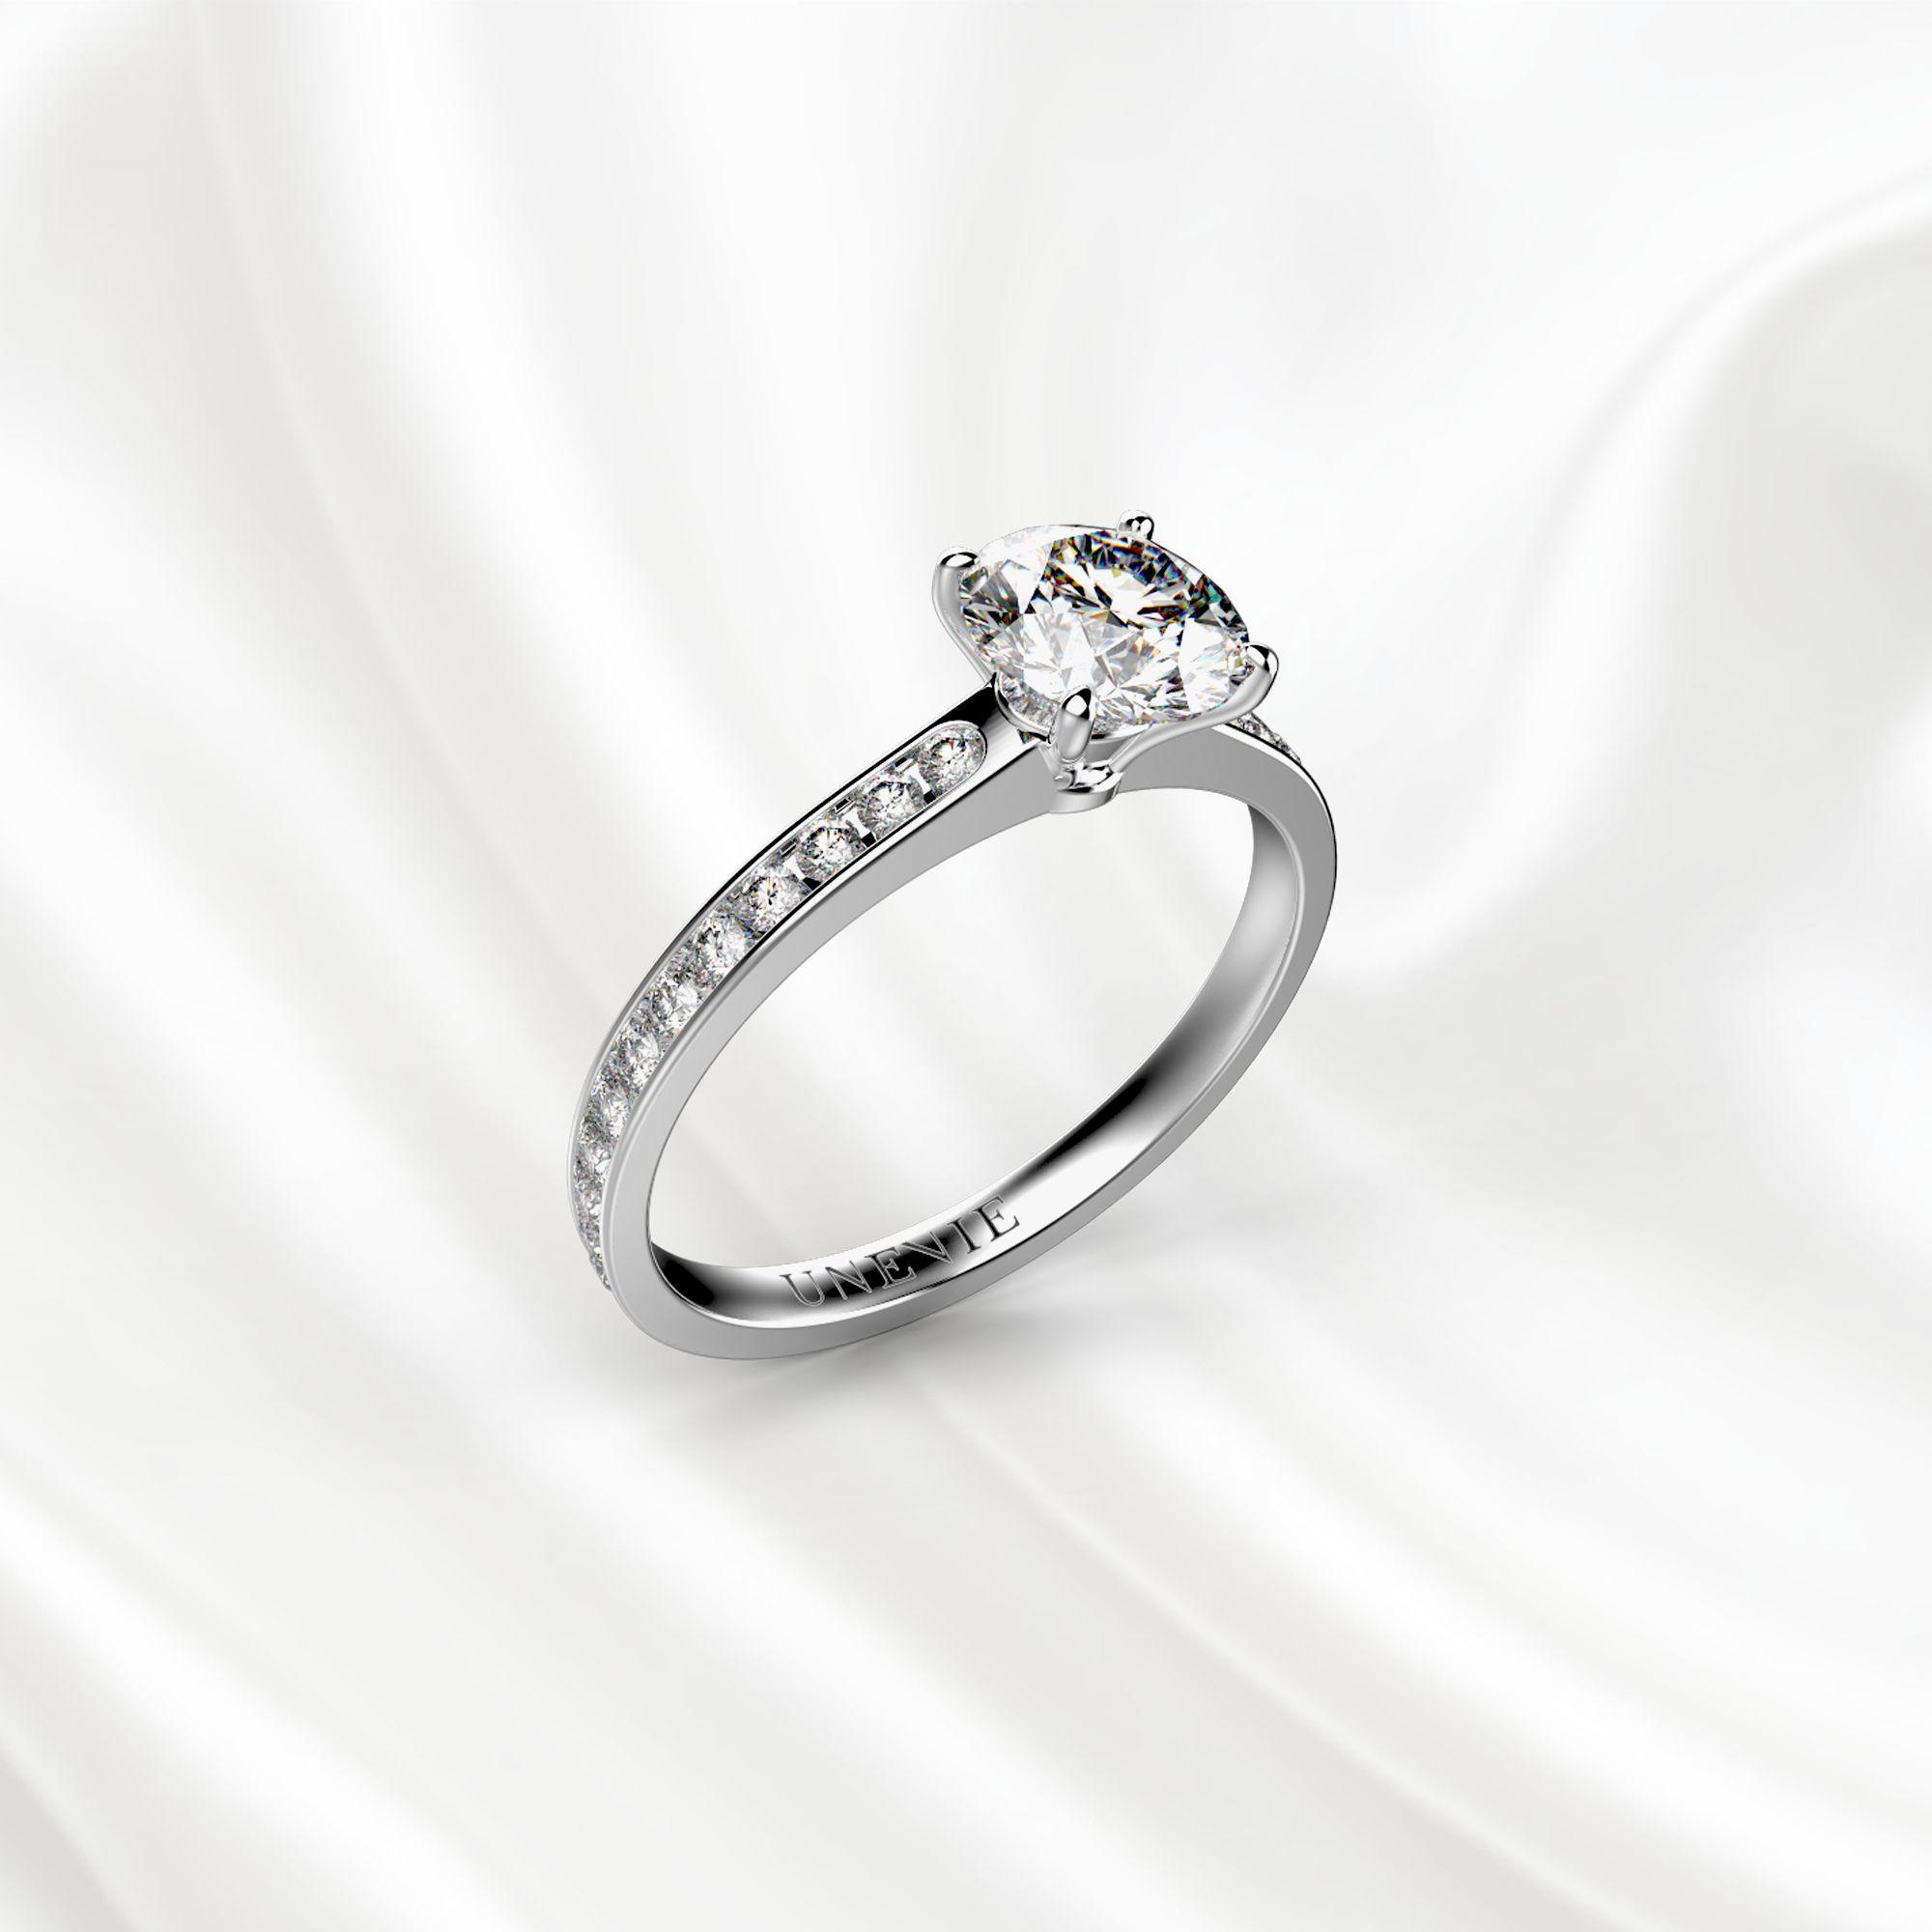 N15 Помолвочное кольцо из белого золота с бриллиантом 0.65 карат